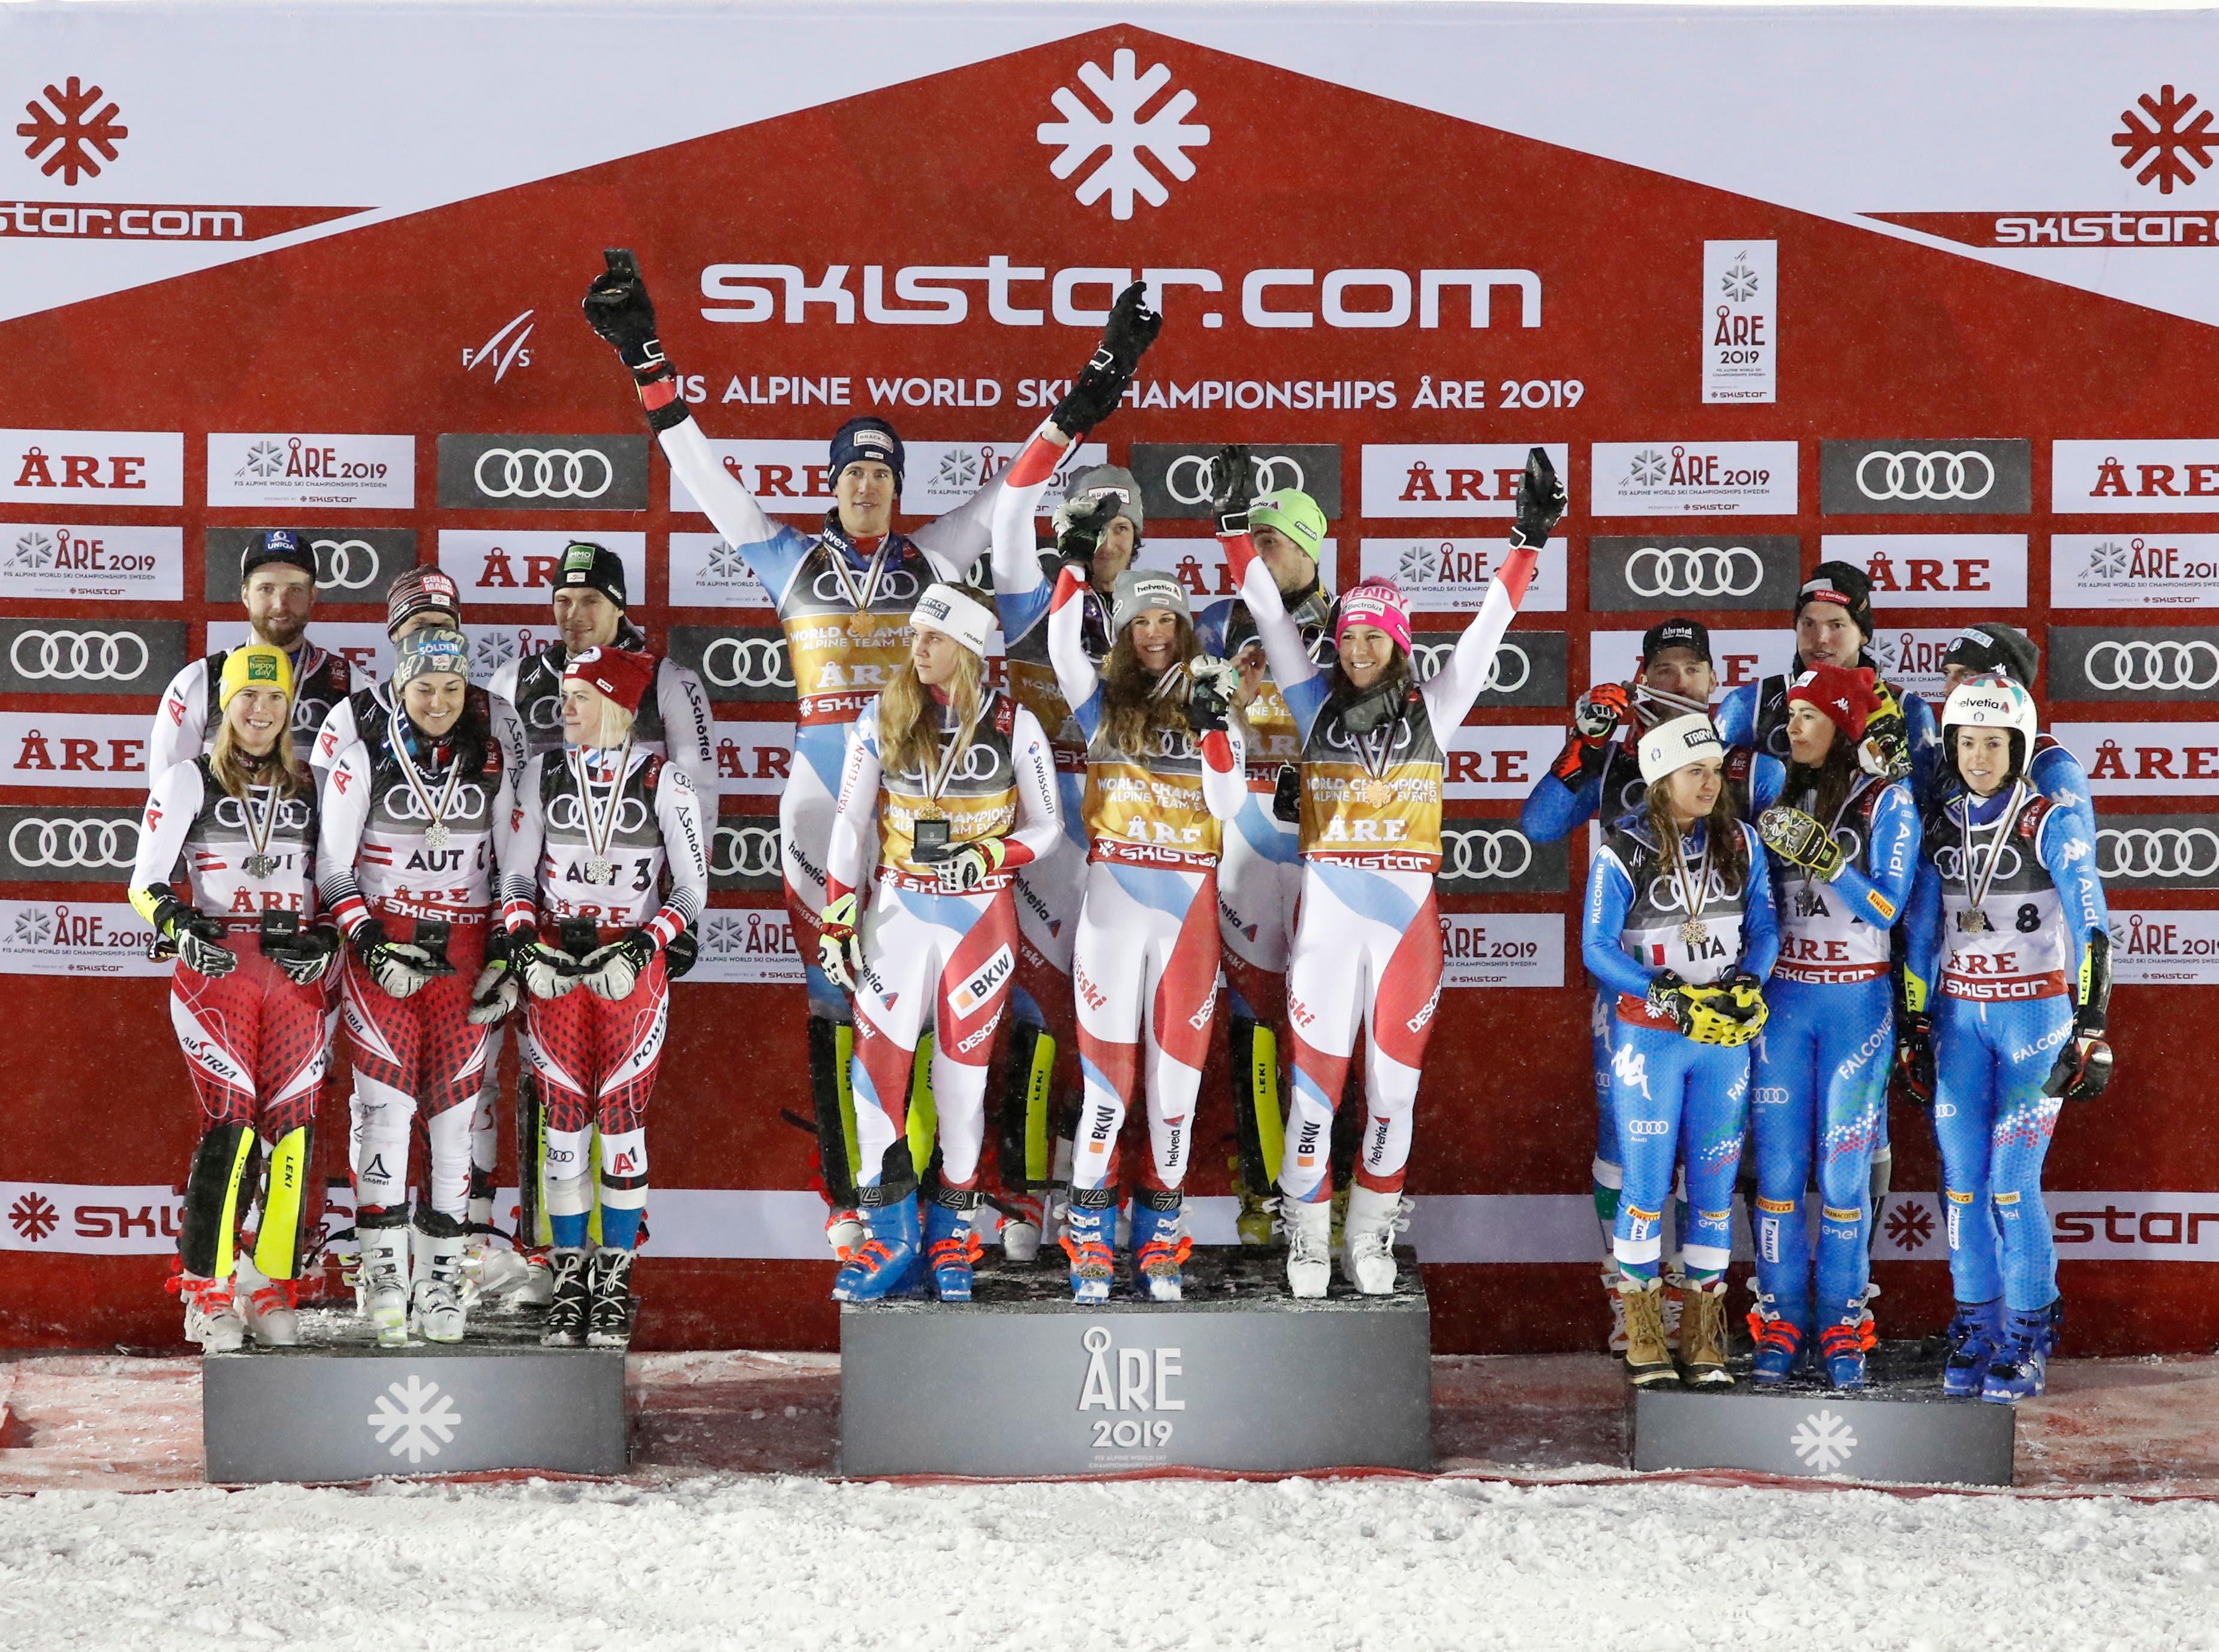 Das österreichische Team (Silber, links) und das italienische Team (Bronze, rechts) bei der Siegerehrung. Das Schweizer Team freut sich über die erste WM-Gold-Medaille (mitte). (Bild: EPA/VALDRIN XHEMAJ)